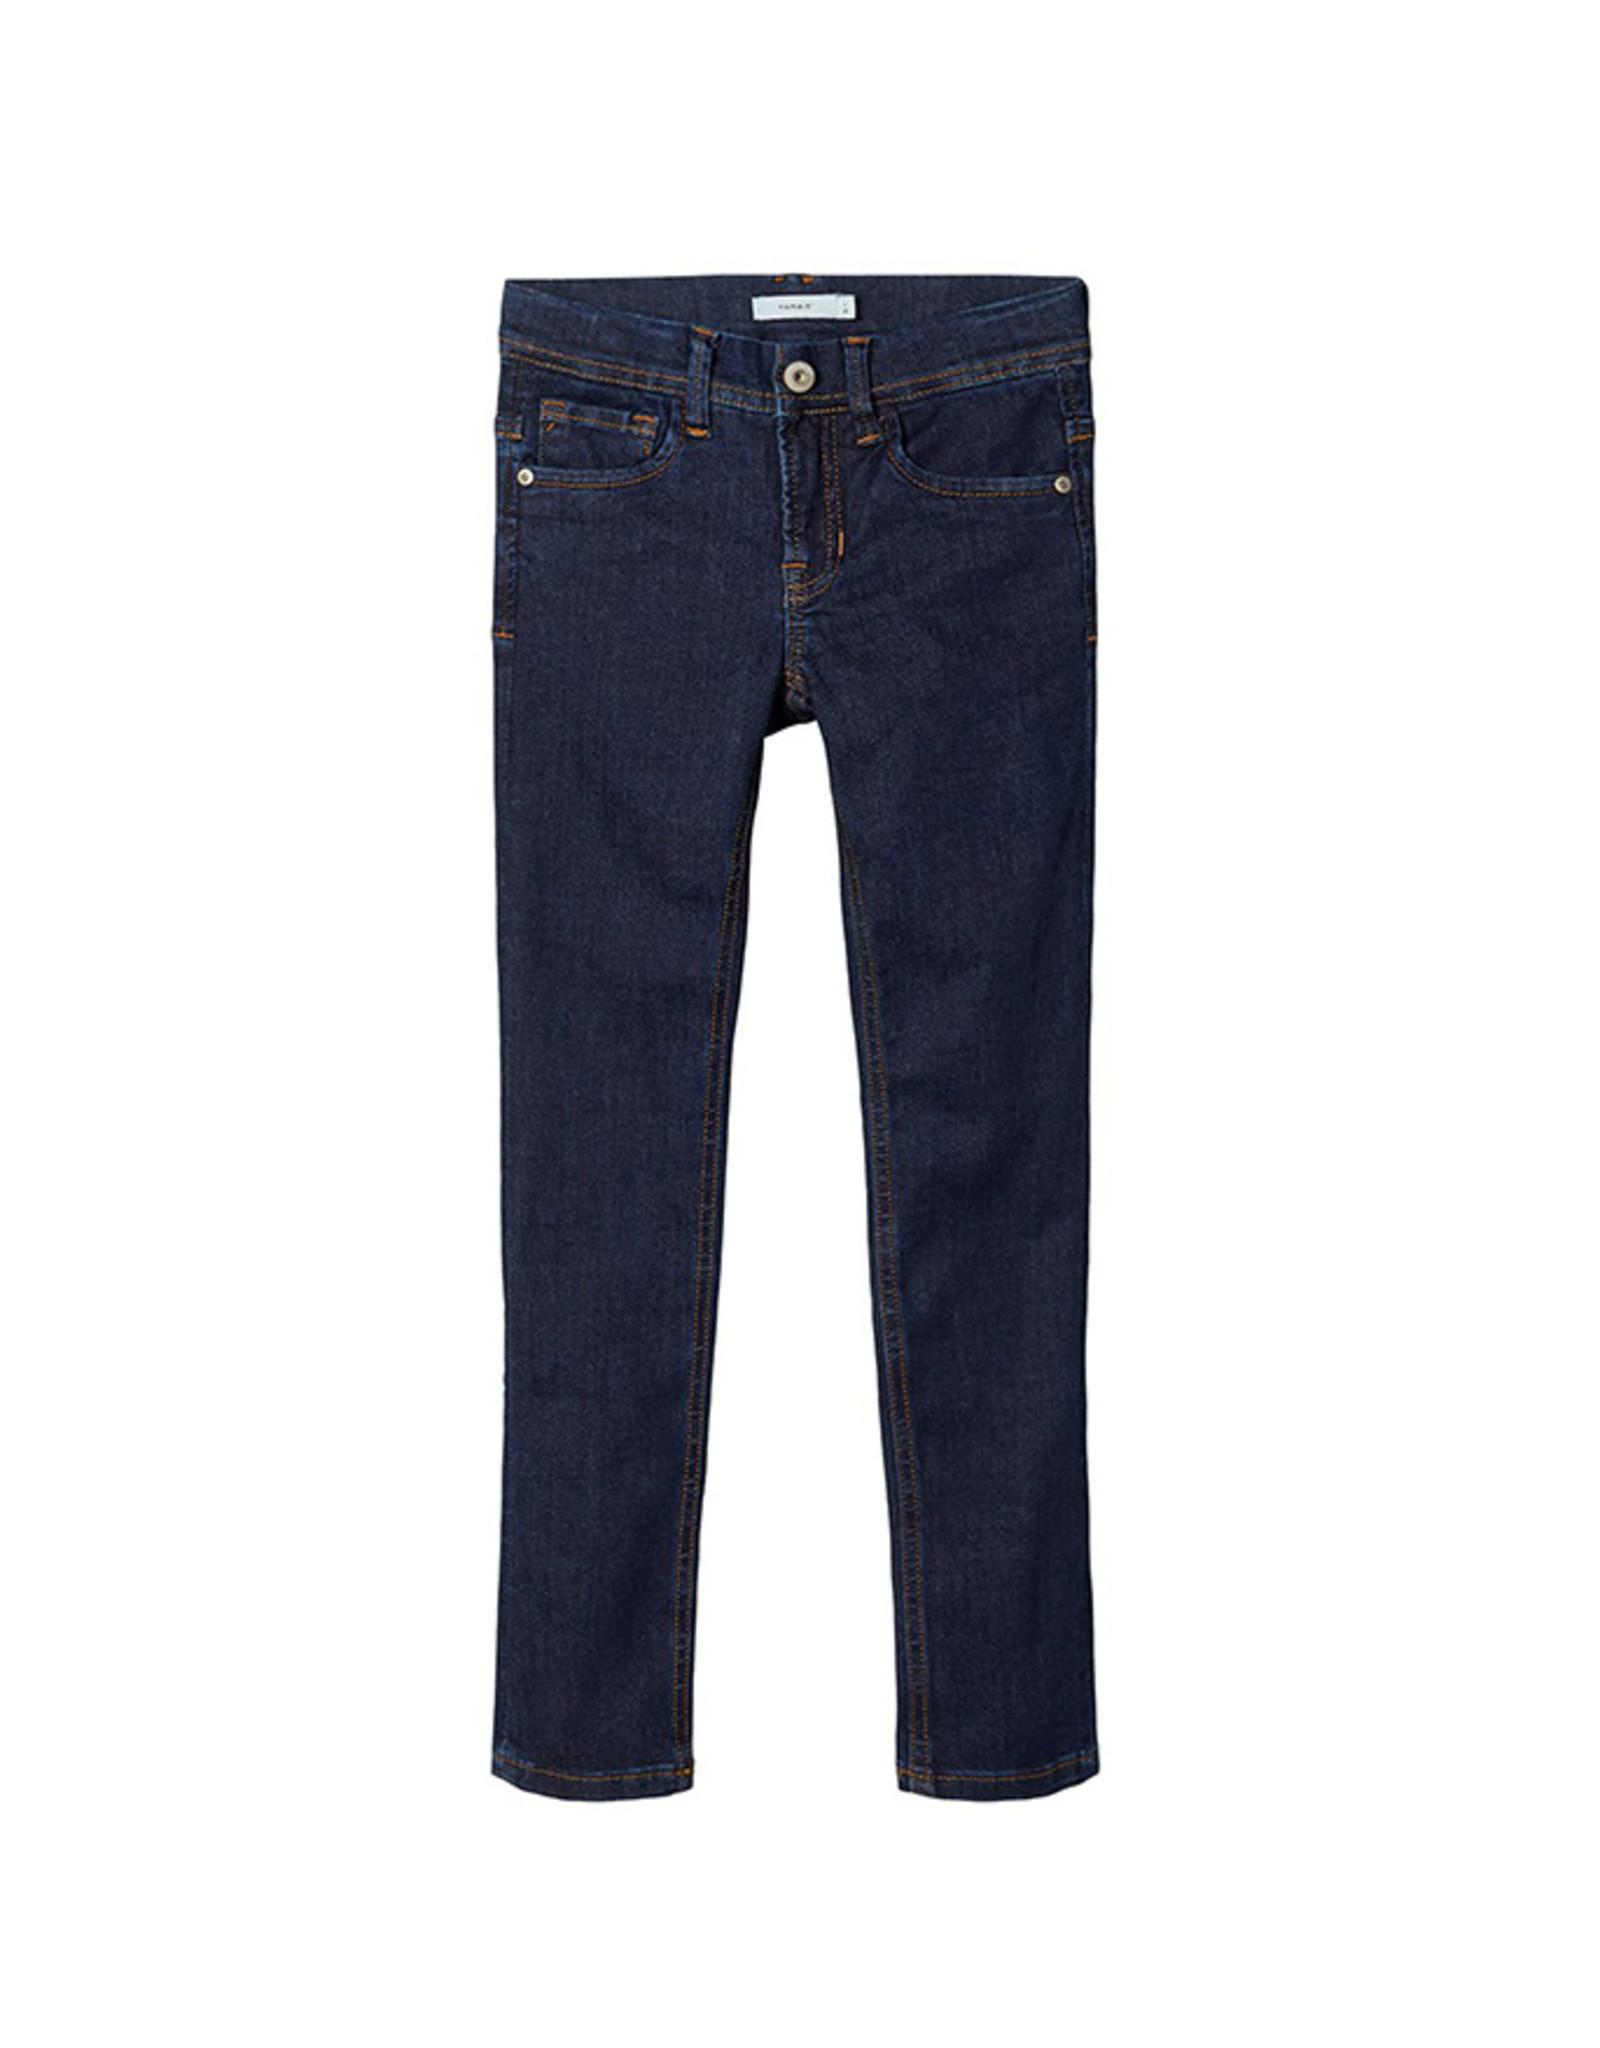 Theo jeans  dark blue denim